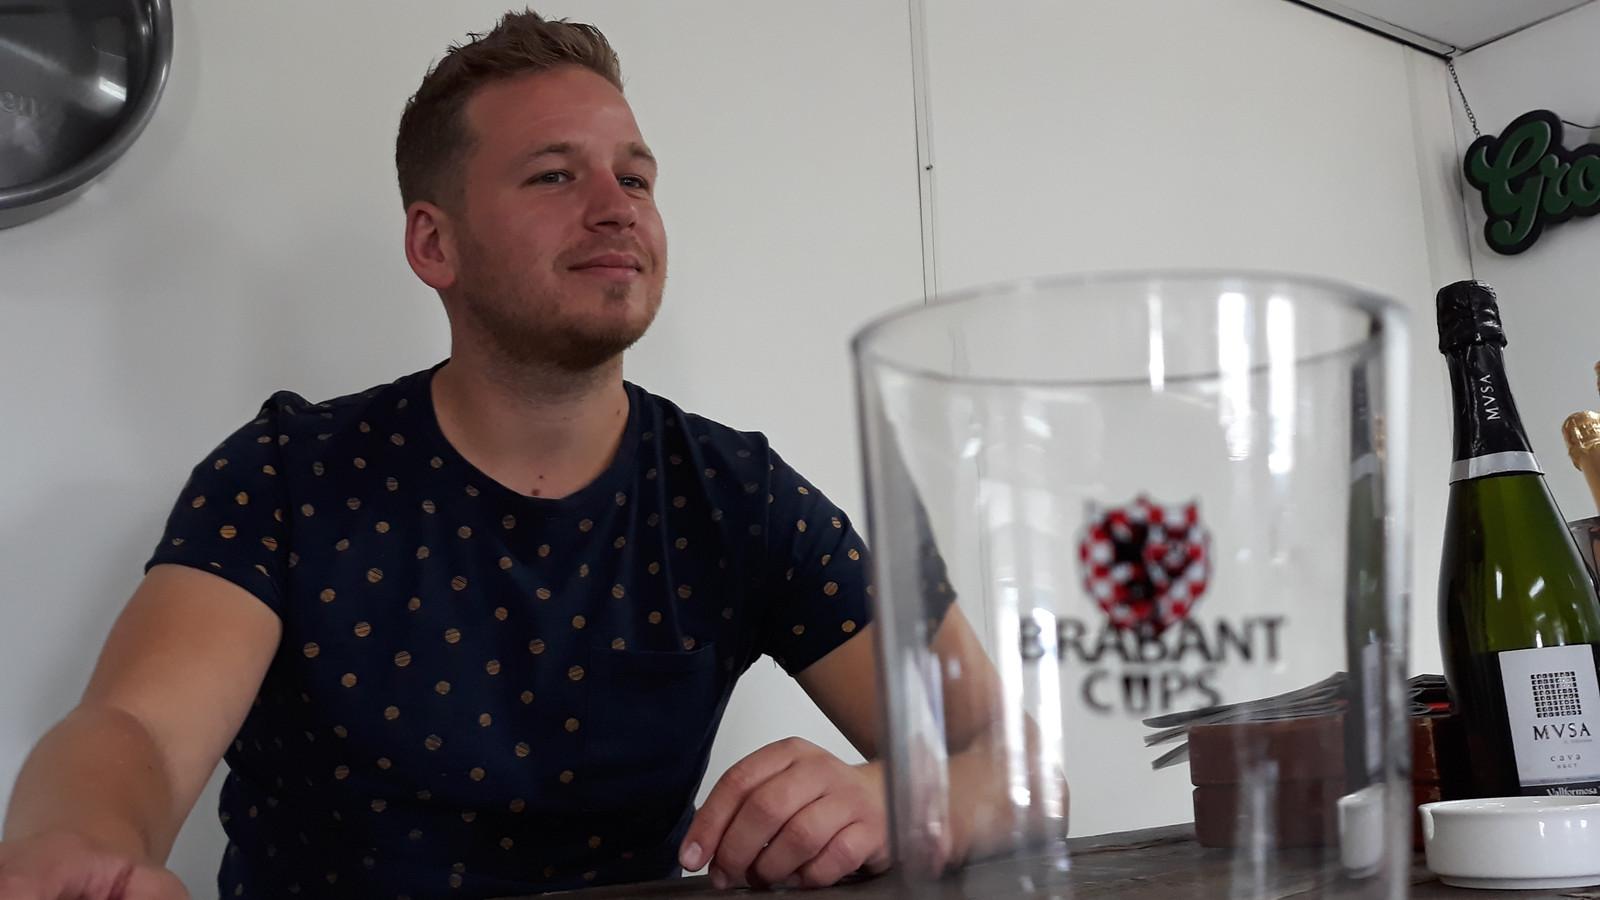 Rob van Beekveld met op de voorgrond een drinkbeker van 'Brabant Cups', een product waarmee hij met Marcel Kapteijns Brabant schoner wil maken.